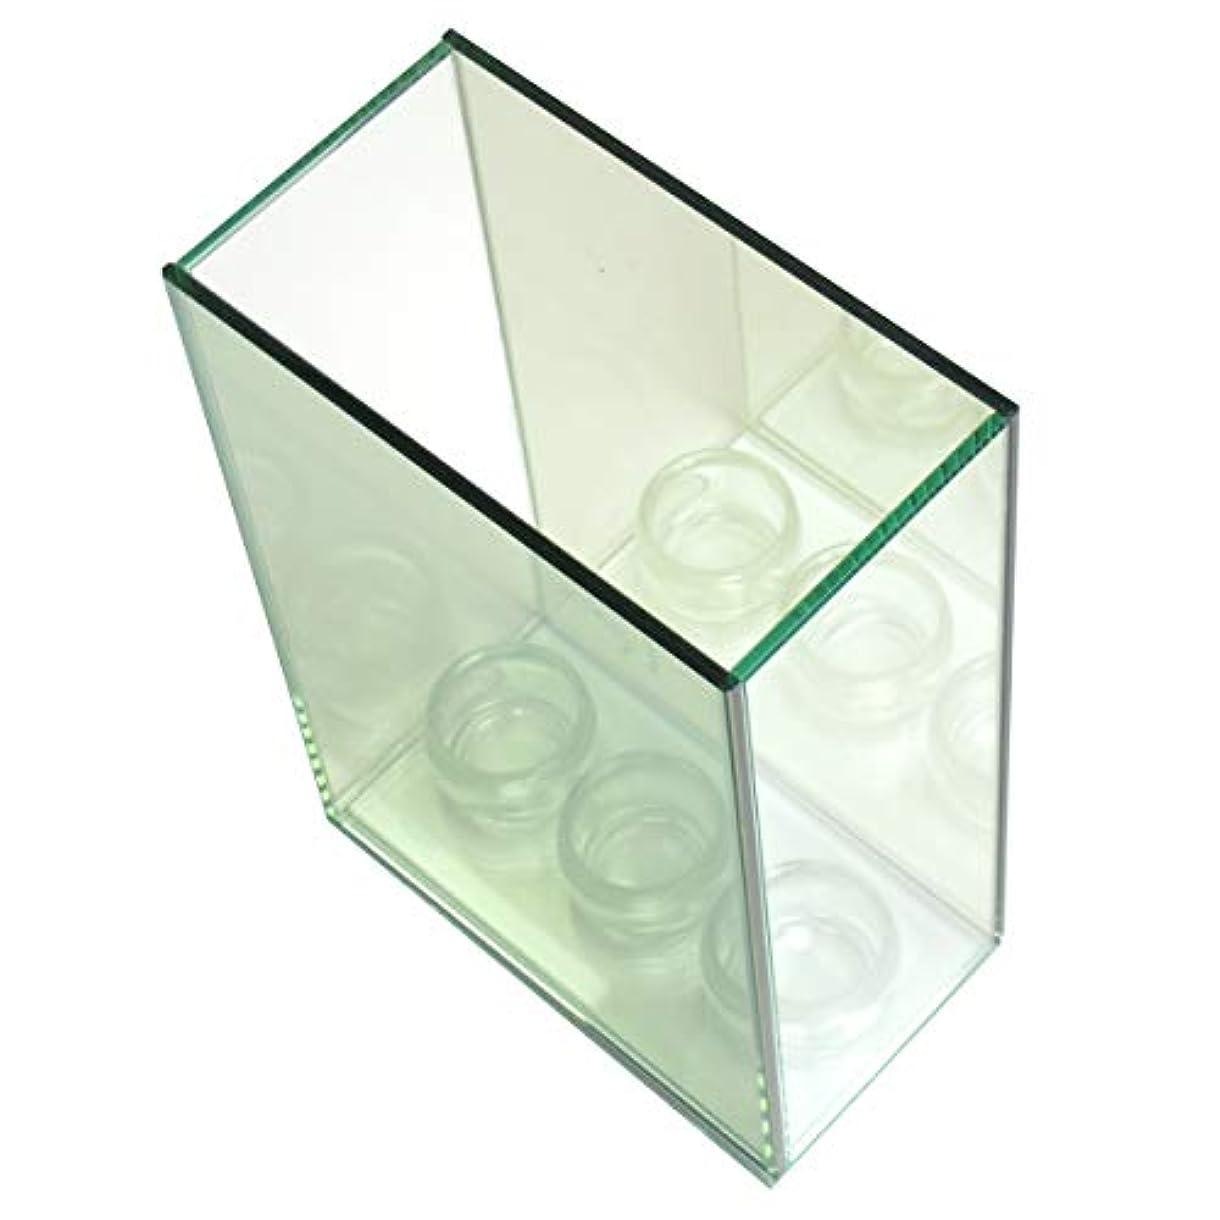 手紙を書くコンサルタント電球無限連鎖キャンドルホルダー 3連 ガラス キャンドルスタンド ランタン 誕生日 ティーライトキャンドル